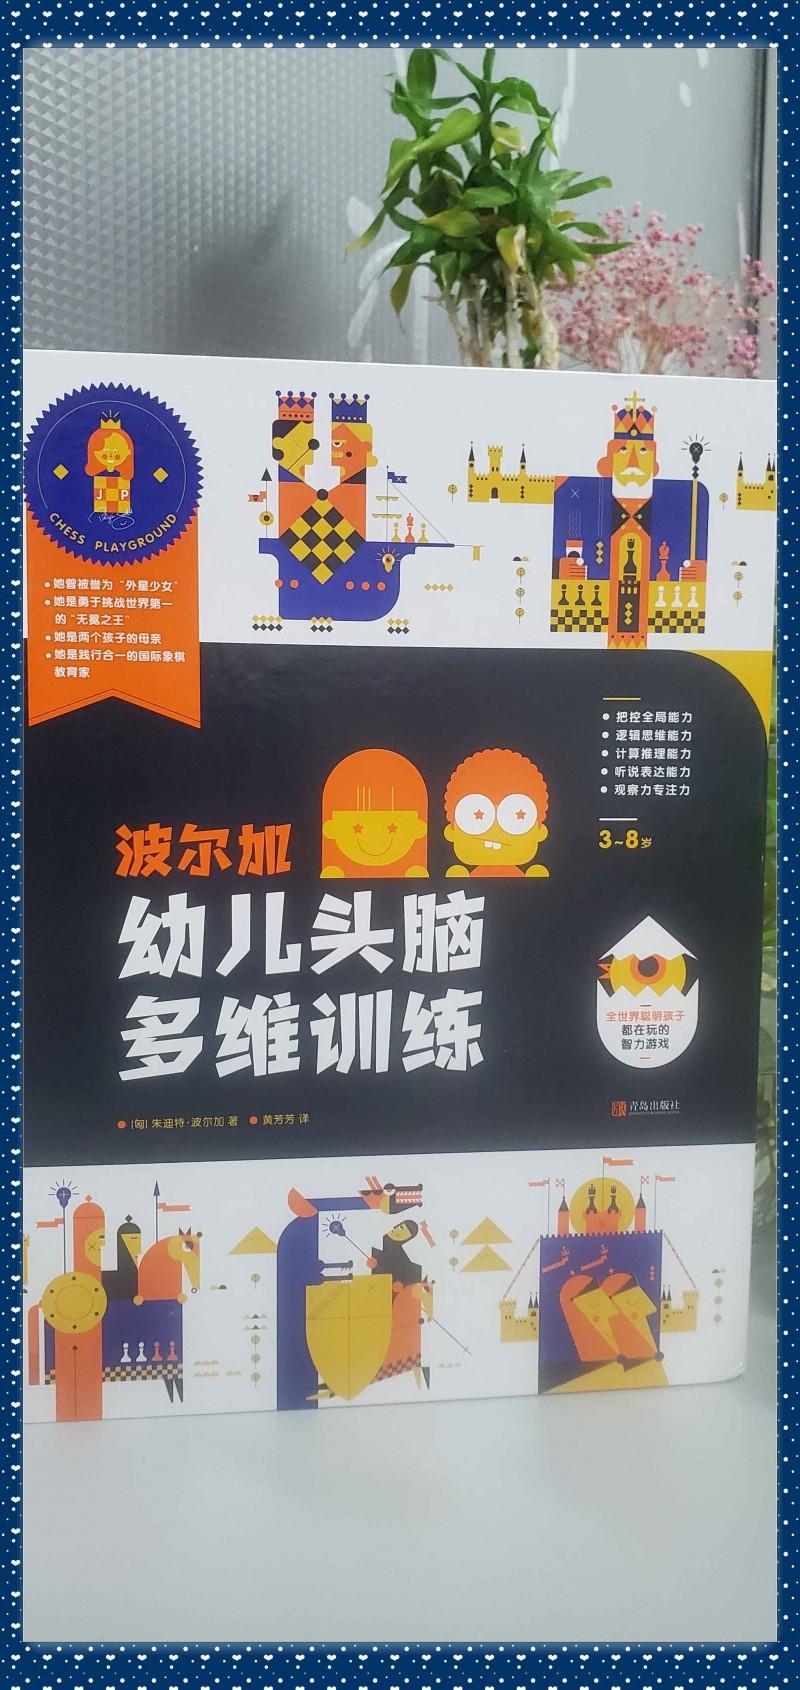 刘舒予班级表格20200910_165738